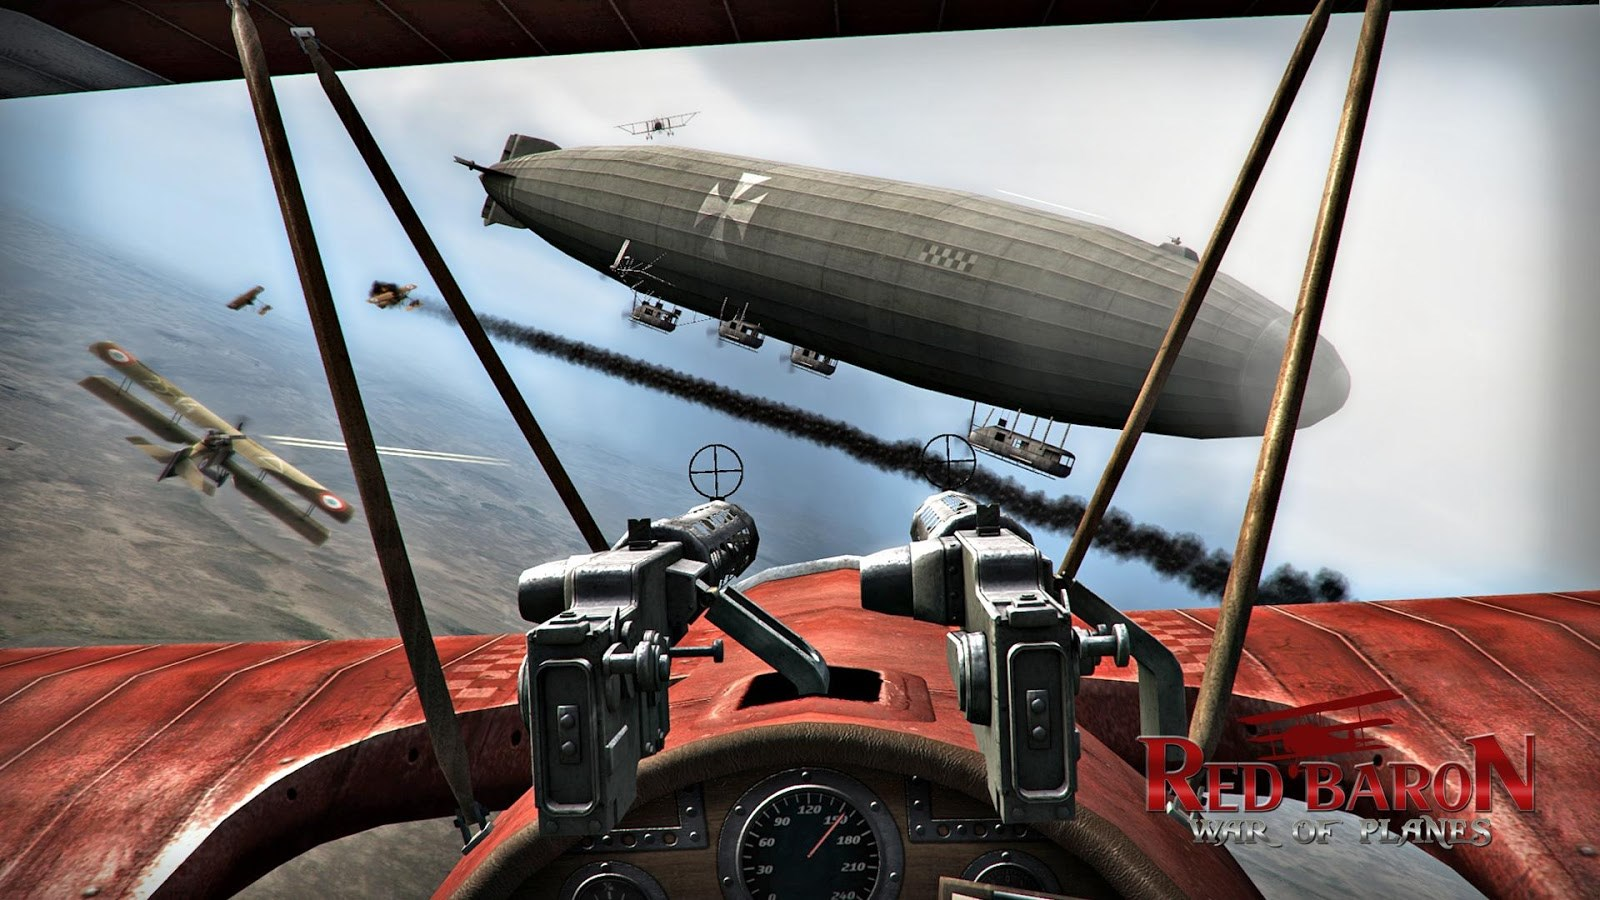 Red Baron: War of Planes - Imagem 1 do software